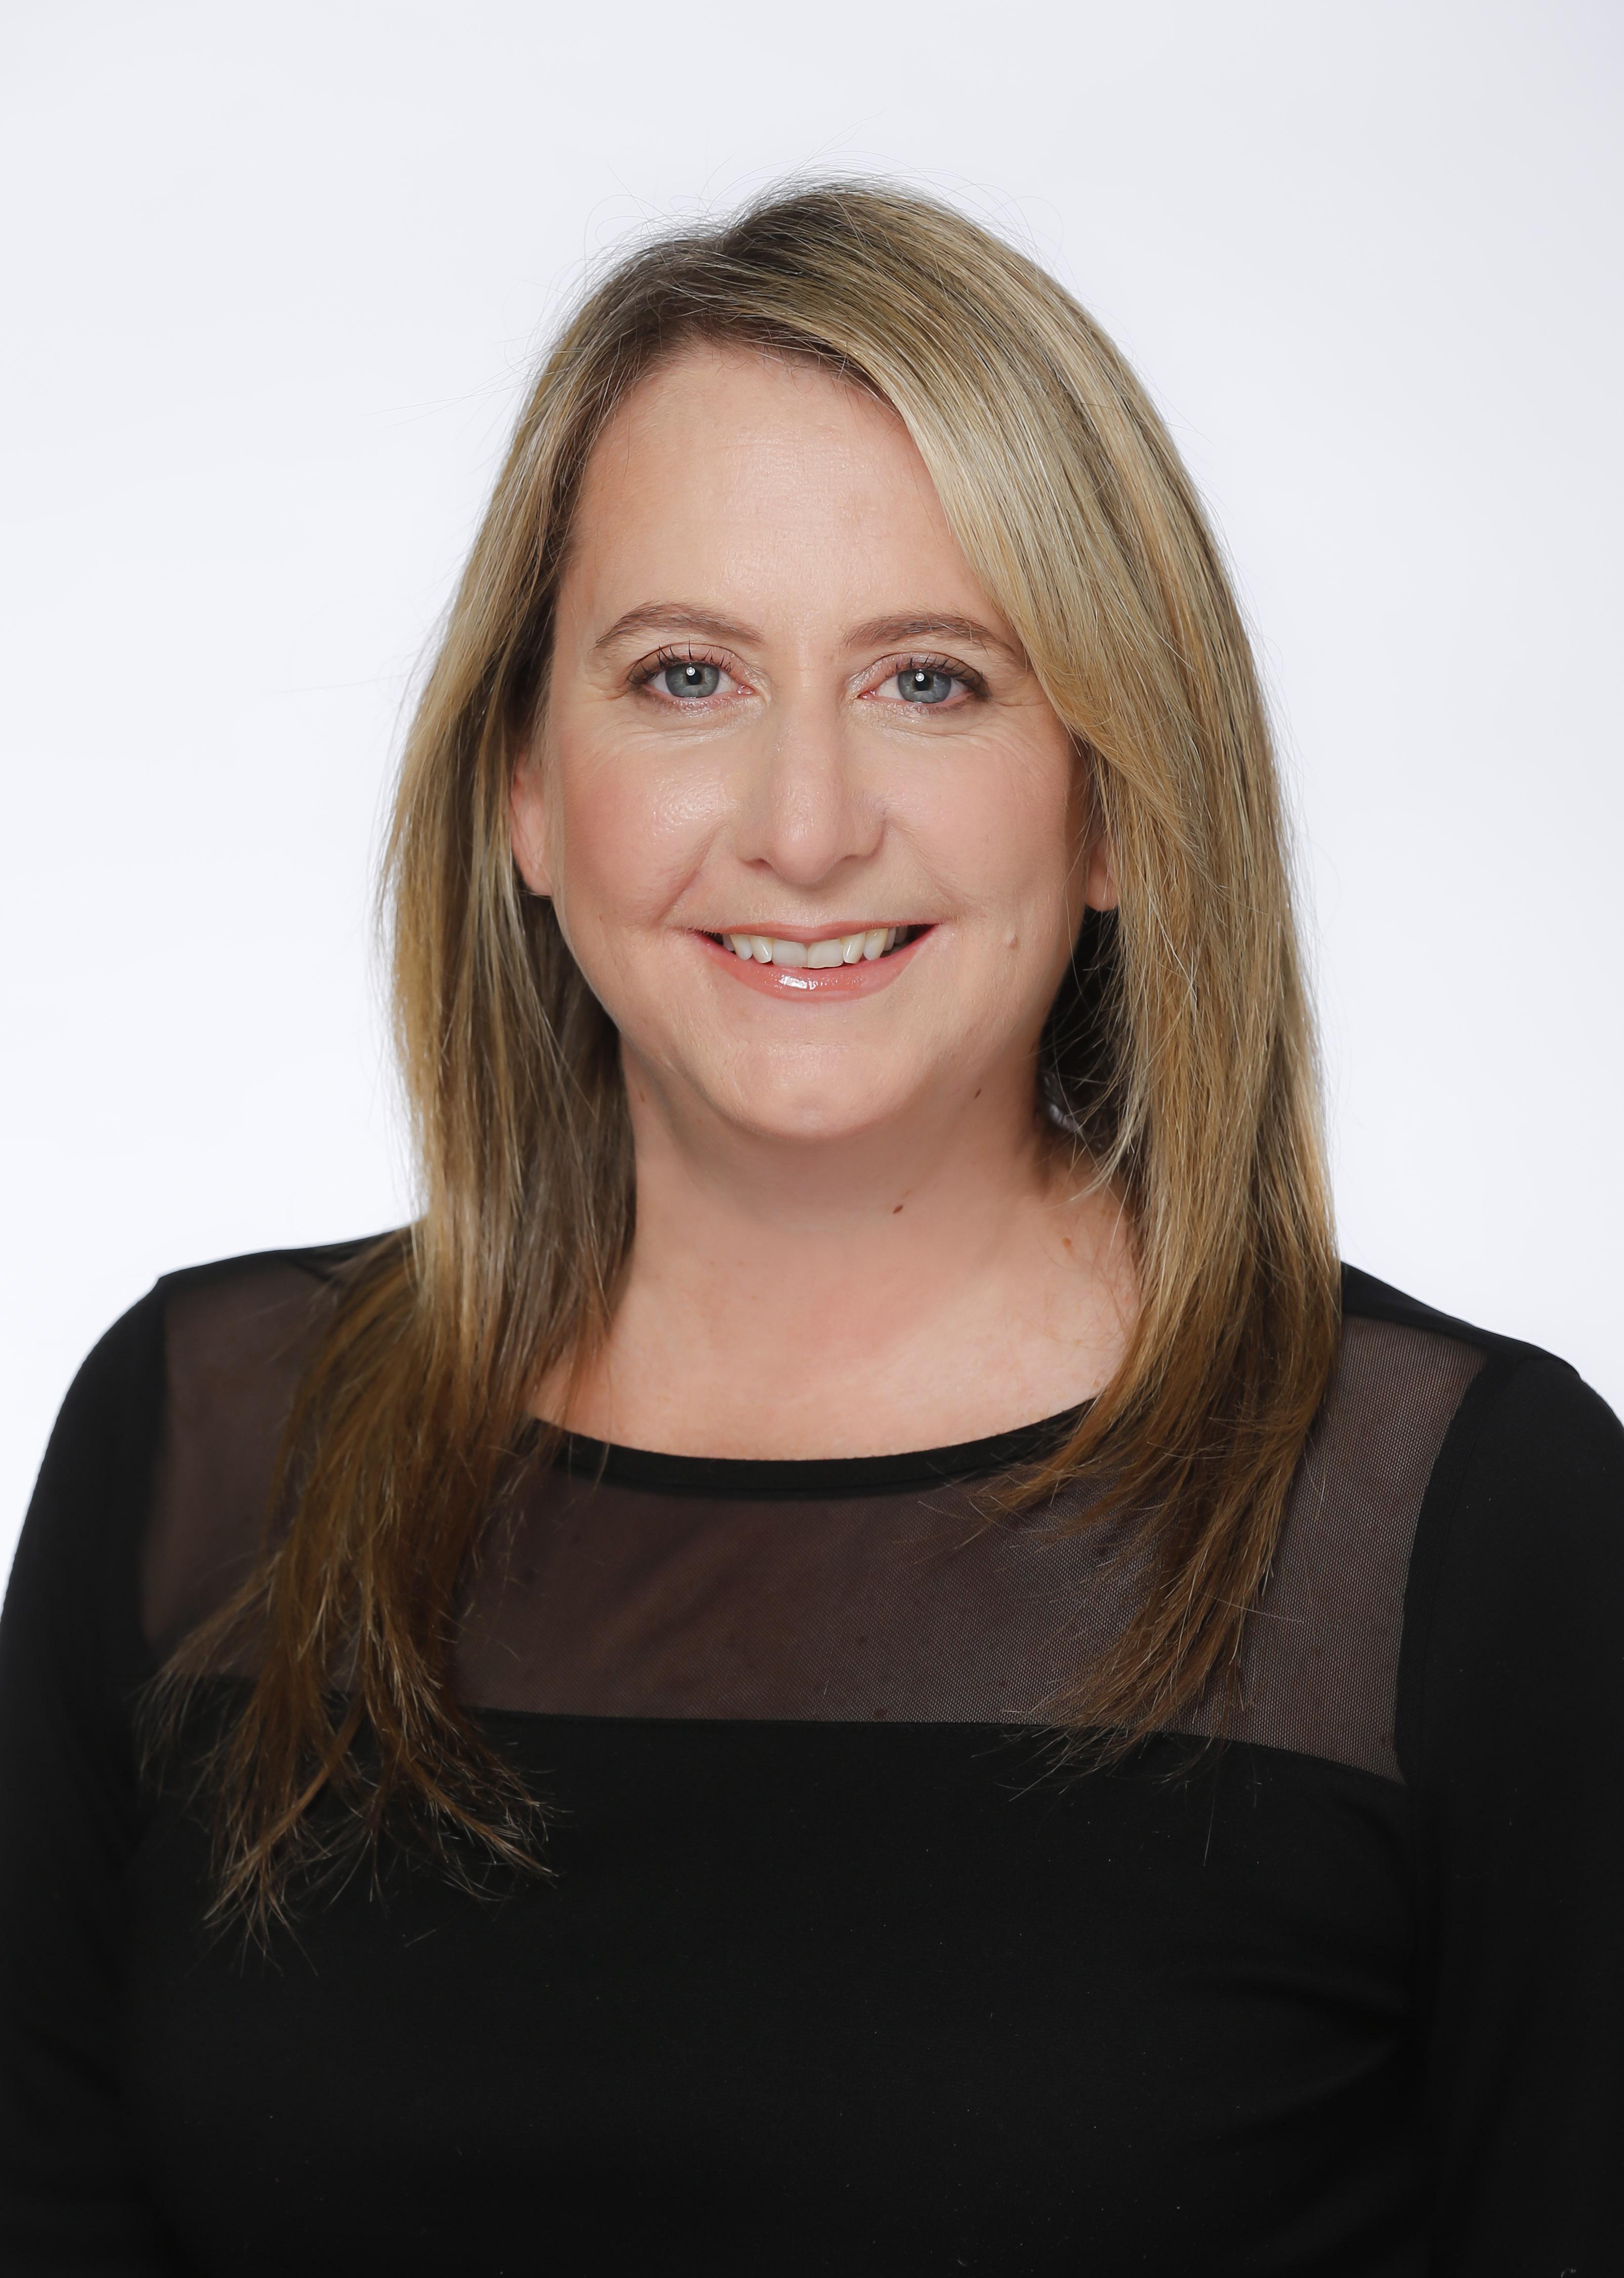 Jennifer Mason Joins Guru As Marketing Director 187 Kidscreen